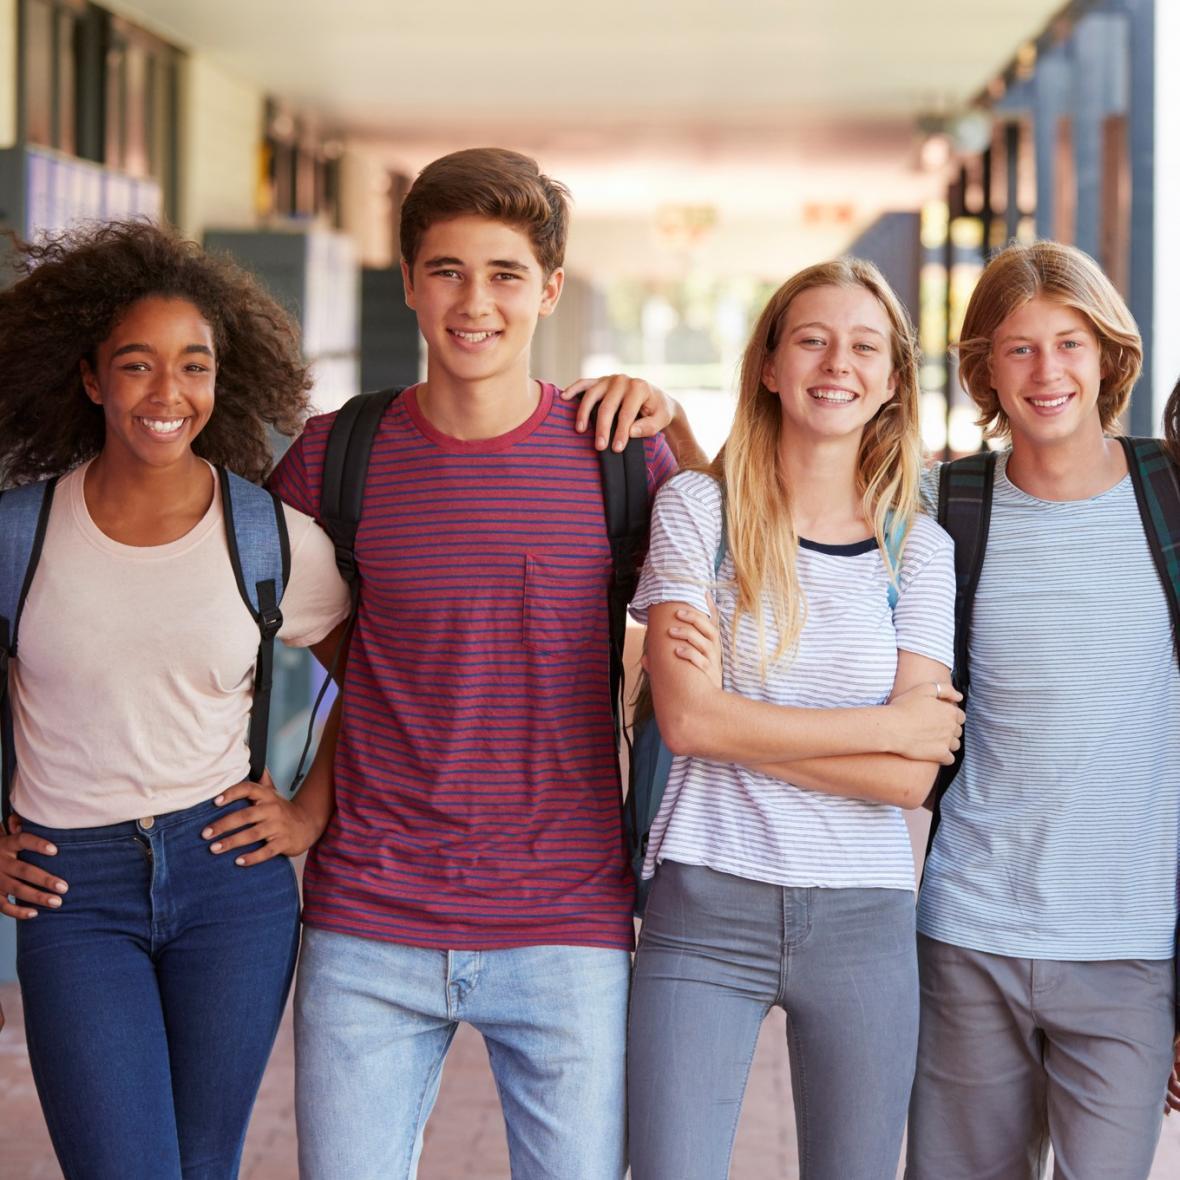 مقاله: خدمات مورد احتیاج برای تحصیل دبیرستان در کانادا